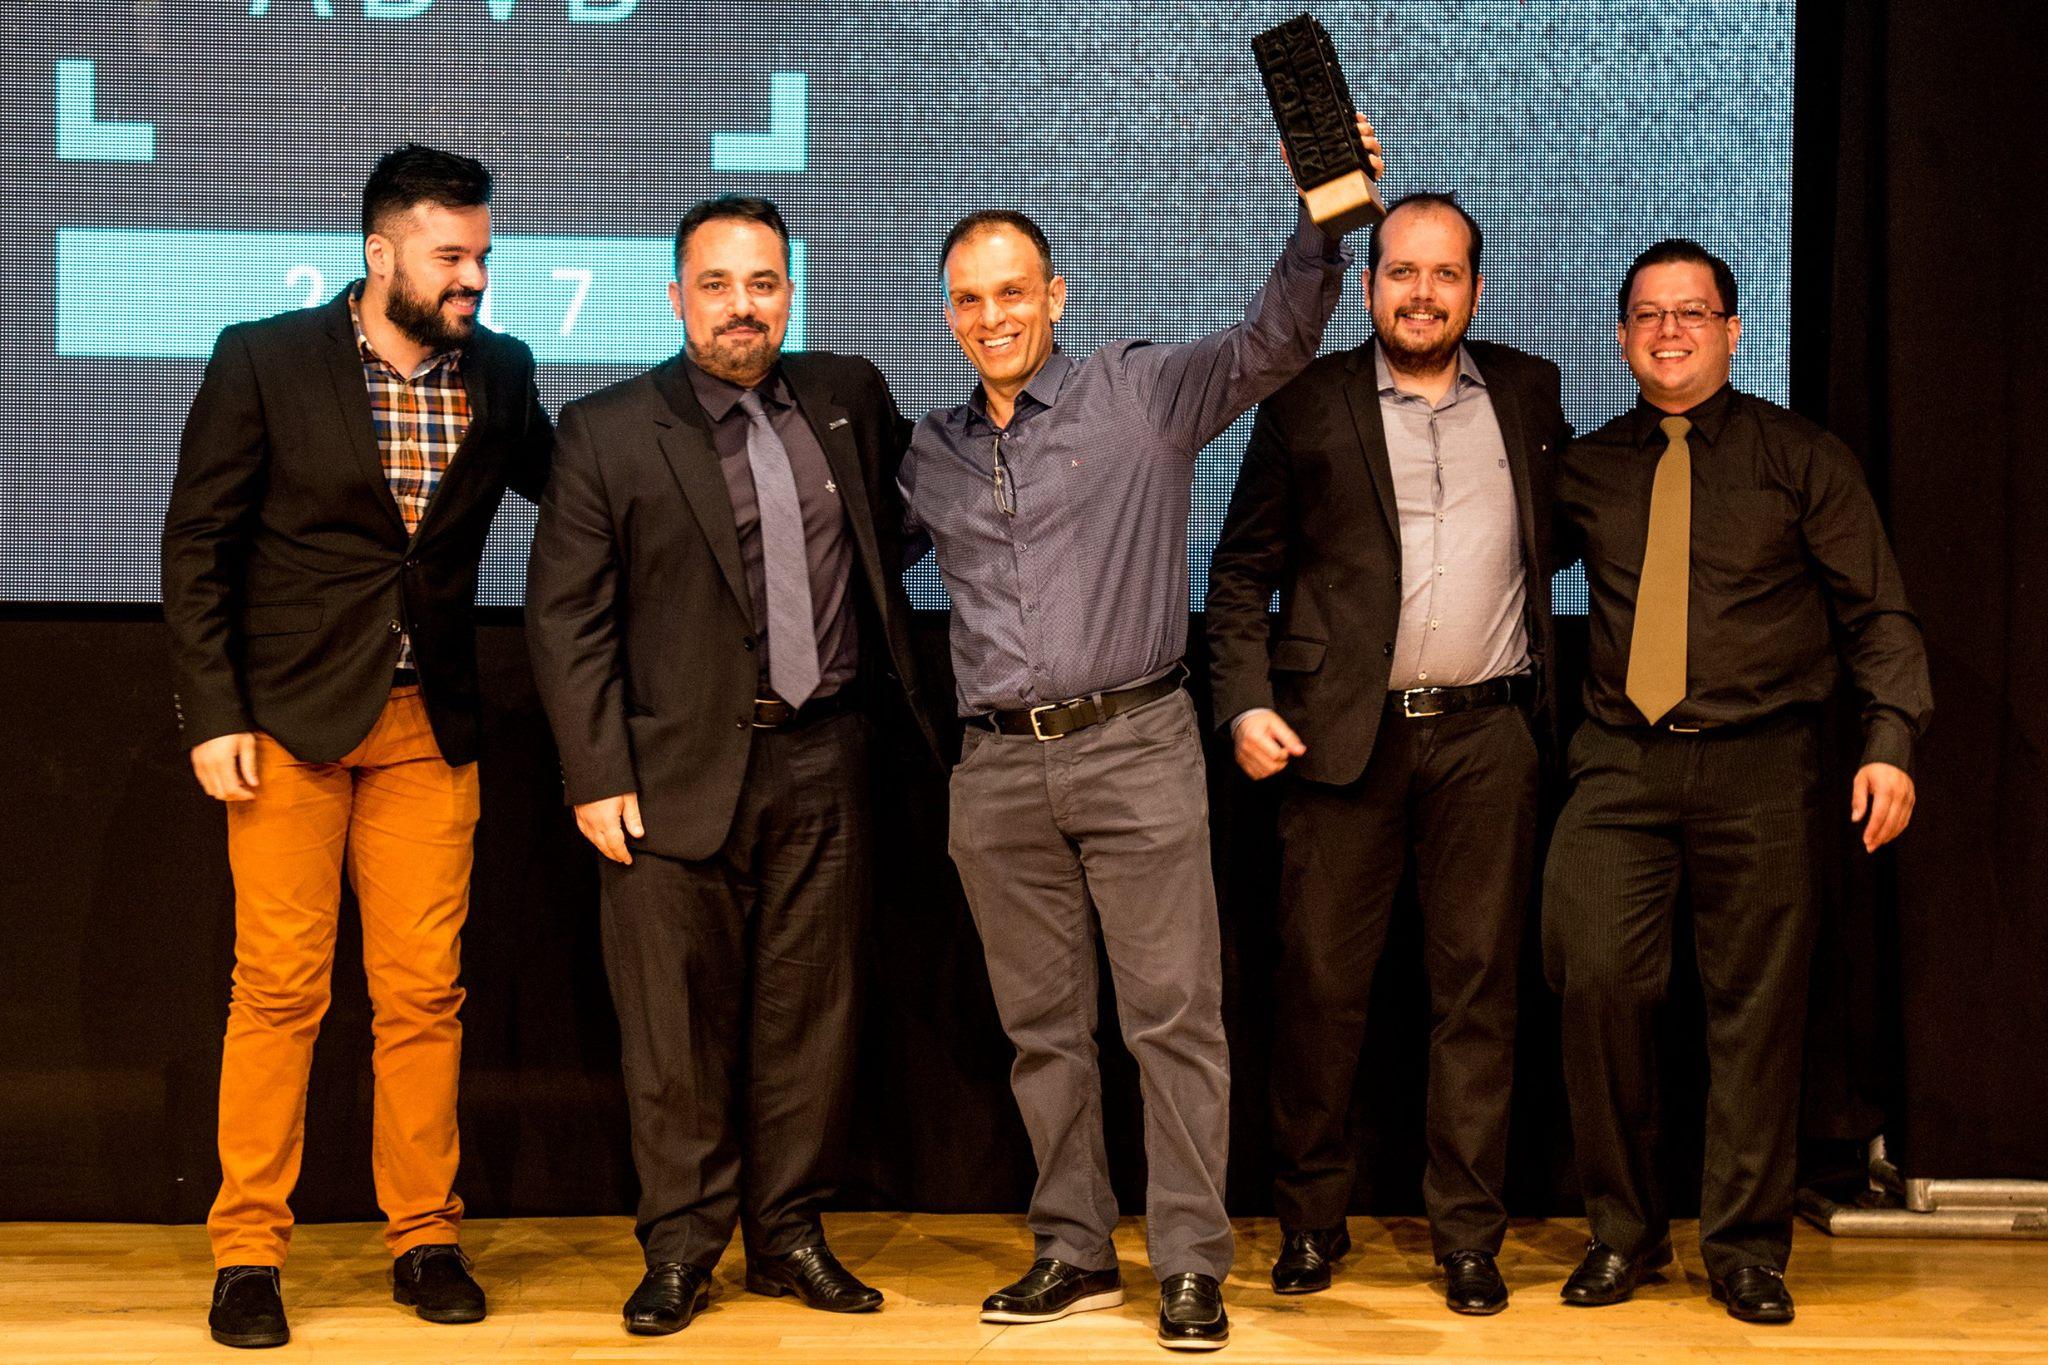 Garon Piceli (gerente comercial), Marcelo Valente (investidor), Felipe Portinho (gerente comercial) e Roberto Martins (gerente financeiro) na entrega do prêmio em Curitiba.